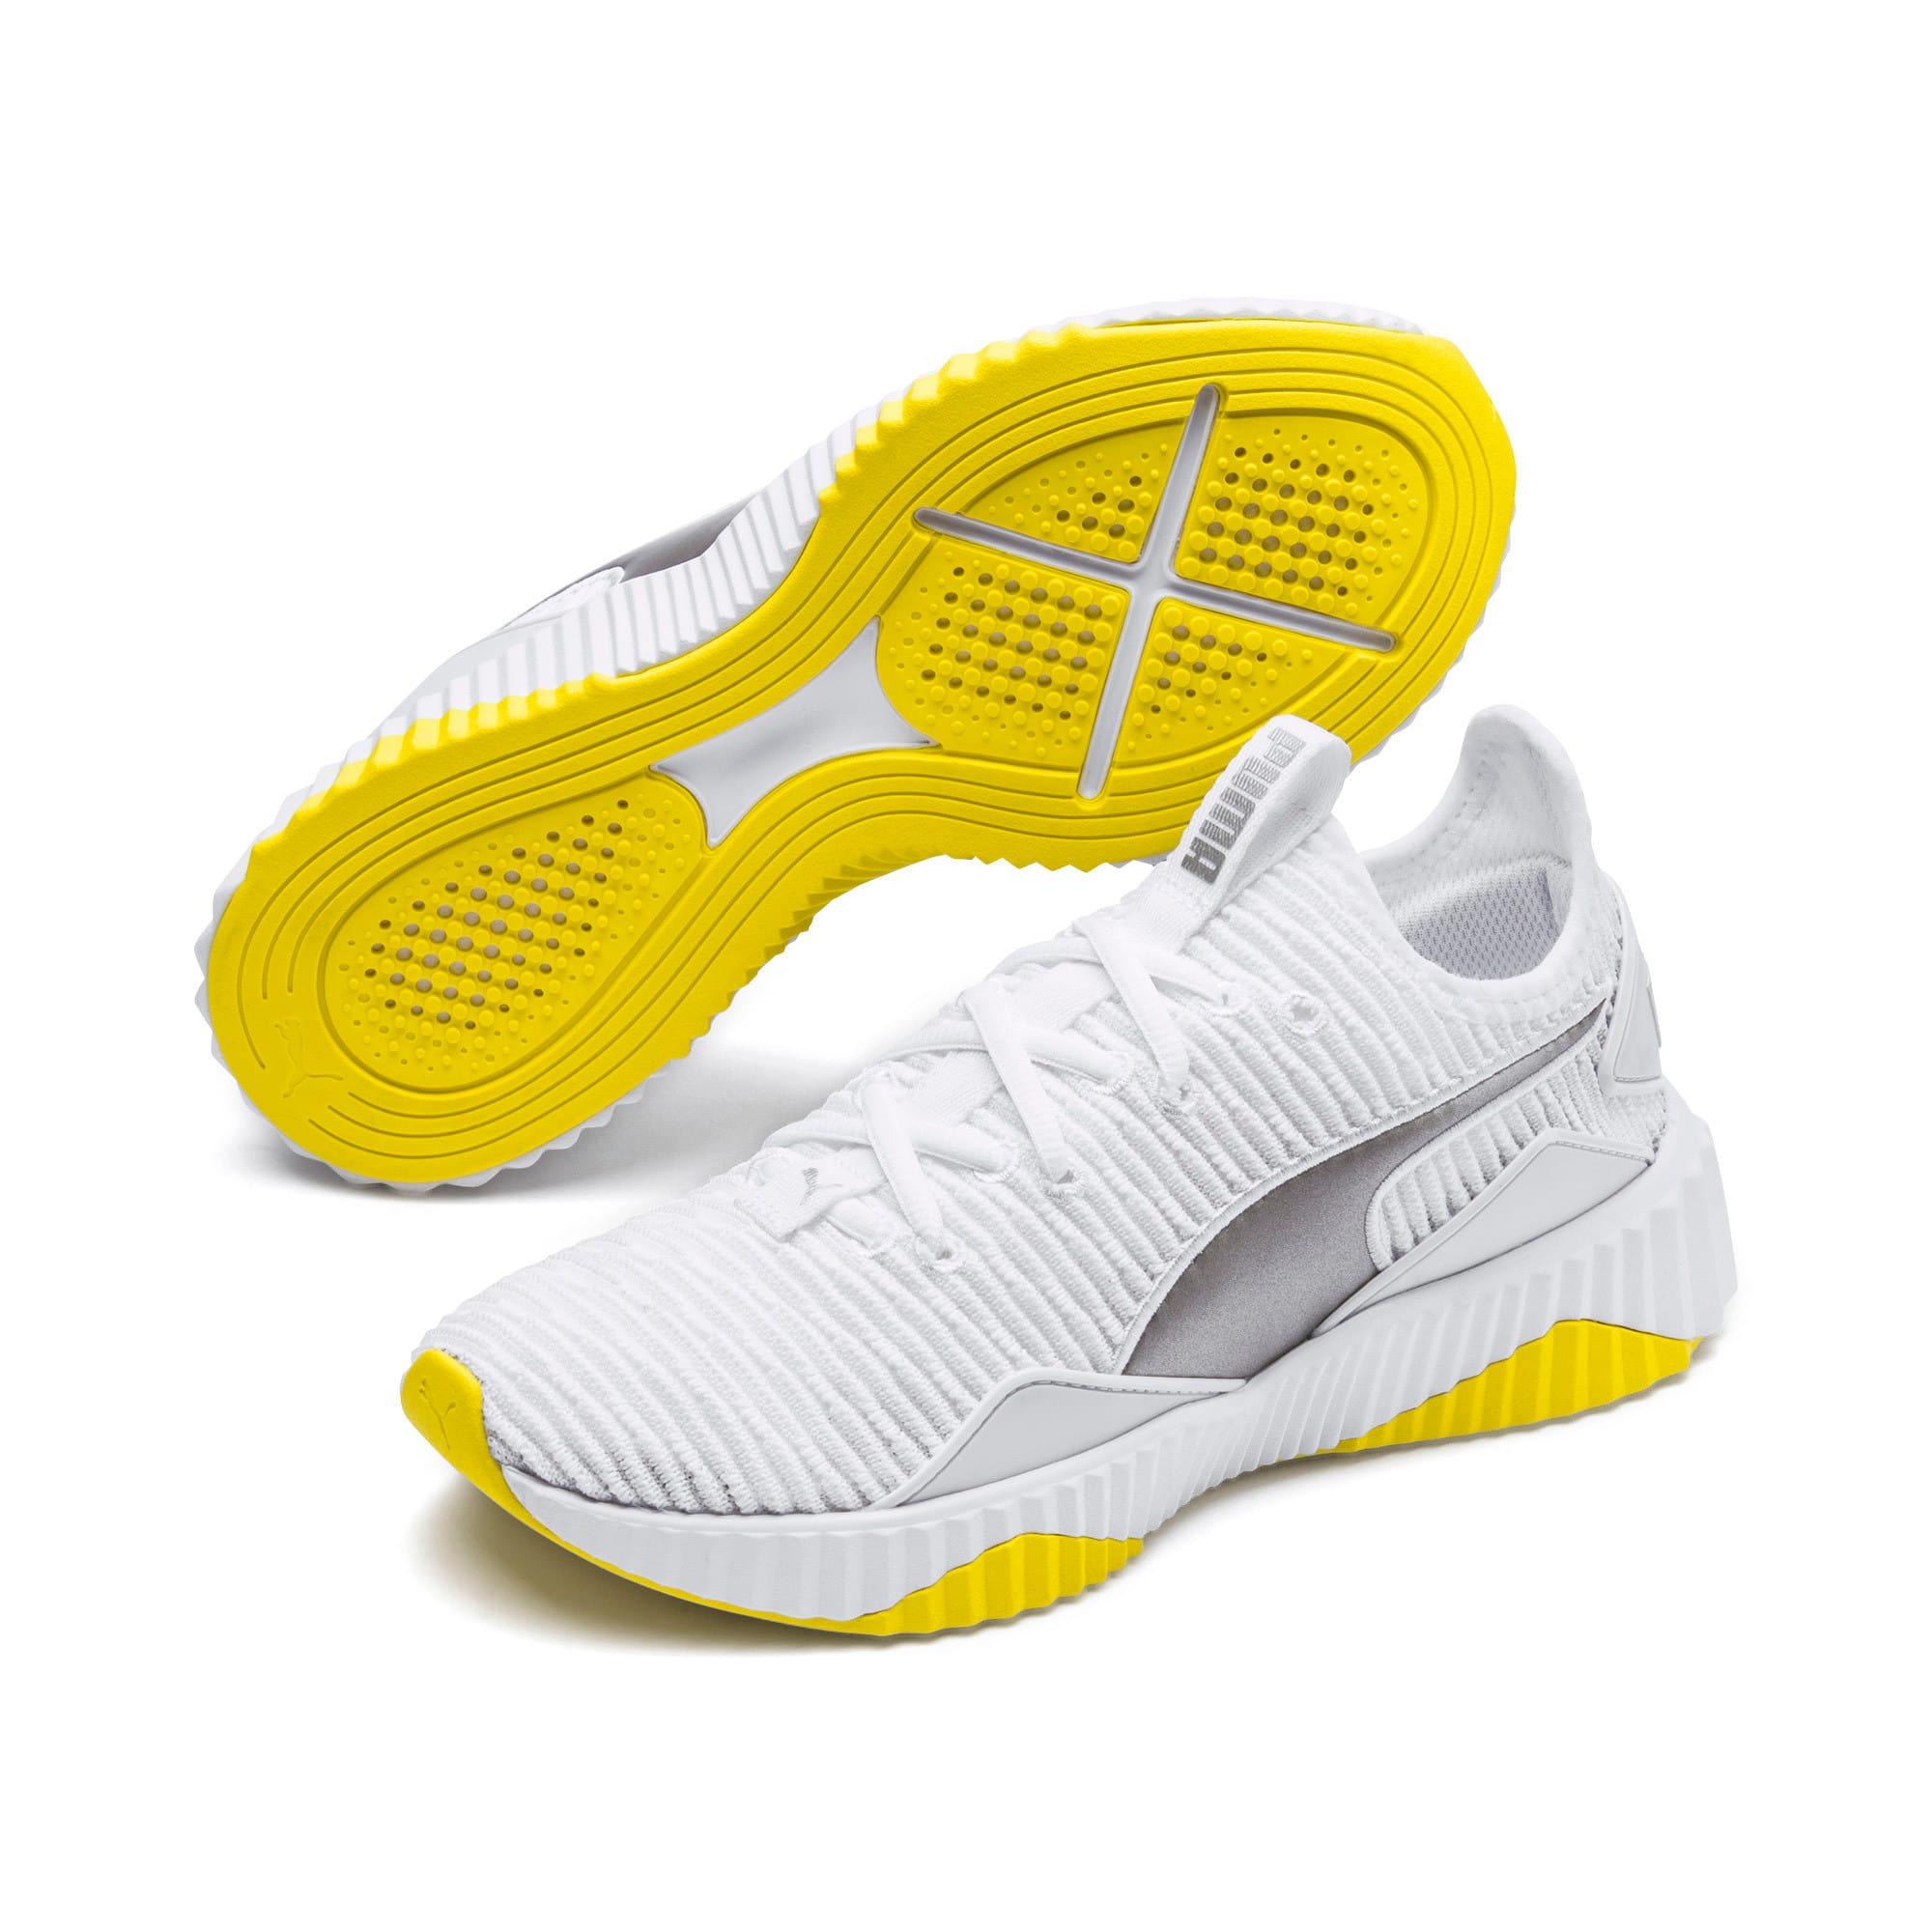 Thumbnail 3 of Defy Trailblazer Women's Training Shoes, Puma White-Blazing Yellow, medium